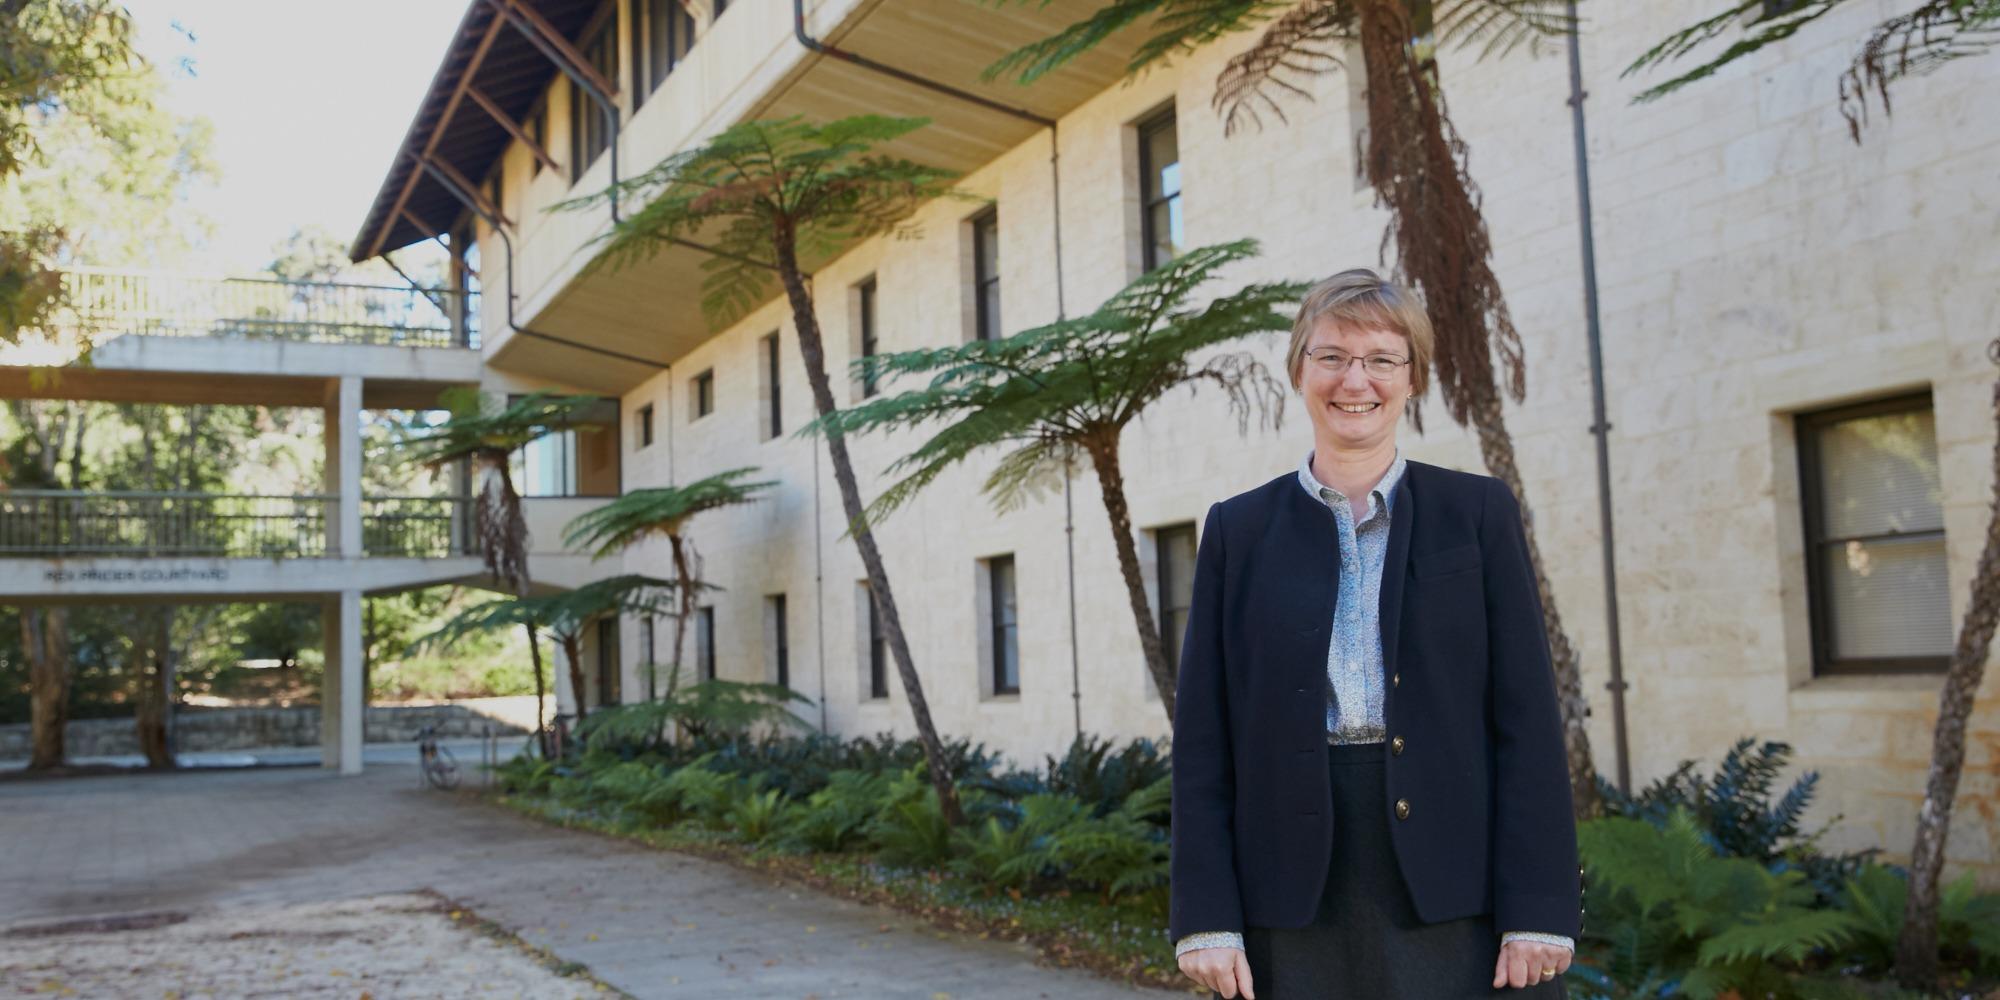 Associate Professor Rachel Cardell-Oliver